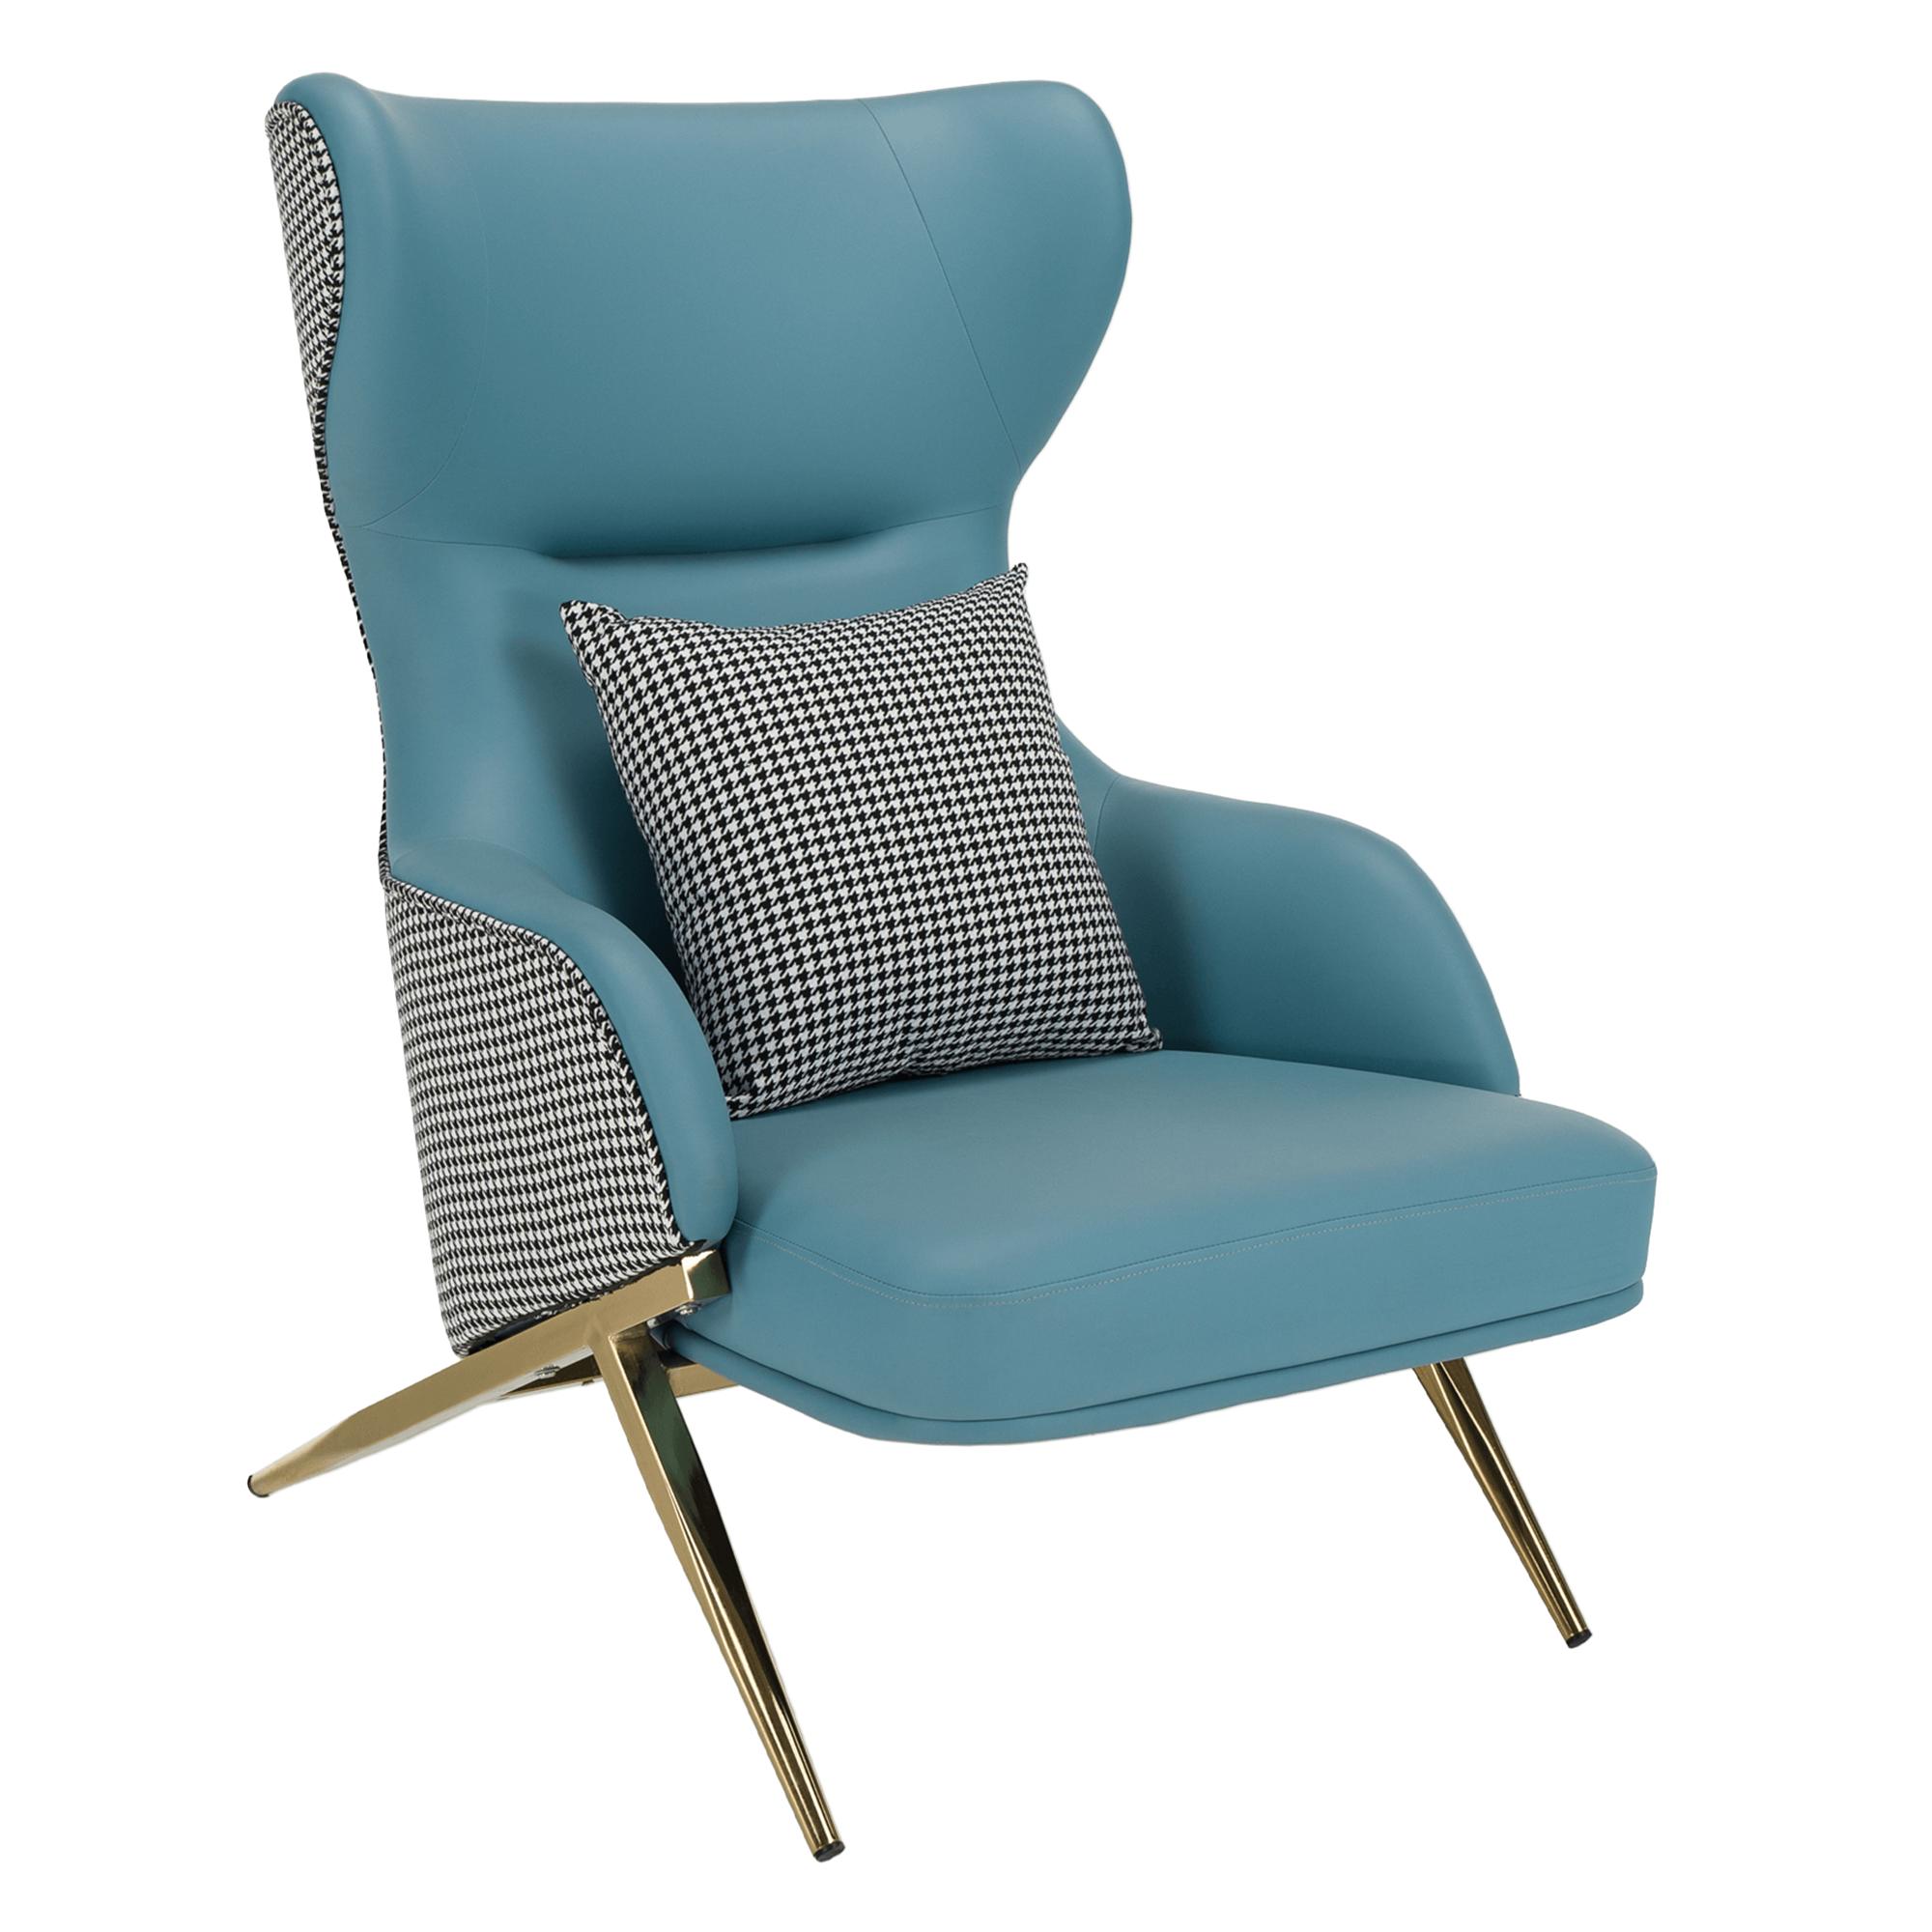 Dizájnos luxus fotel, mentol/mintás Pepito, ekobőr, ARTES